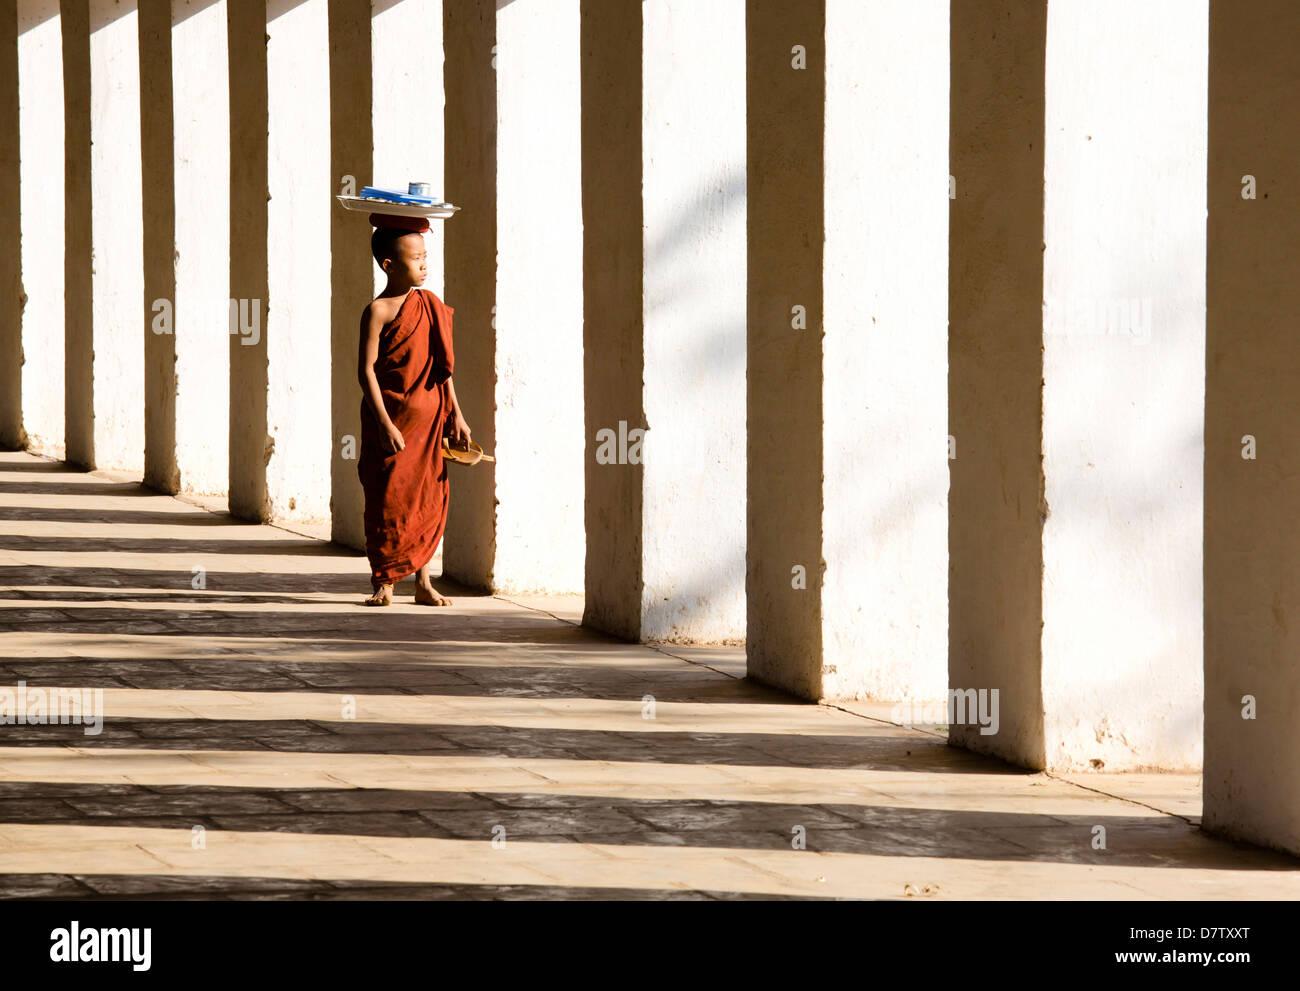 Il debuttante monaco buddista in piedi le ombre delle colonne a Shwezigon Paya, Nyaung U, Bagan, Birmania Immagini Stock